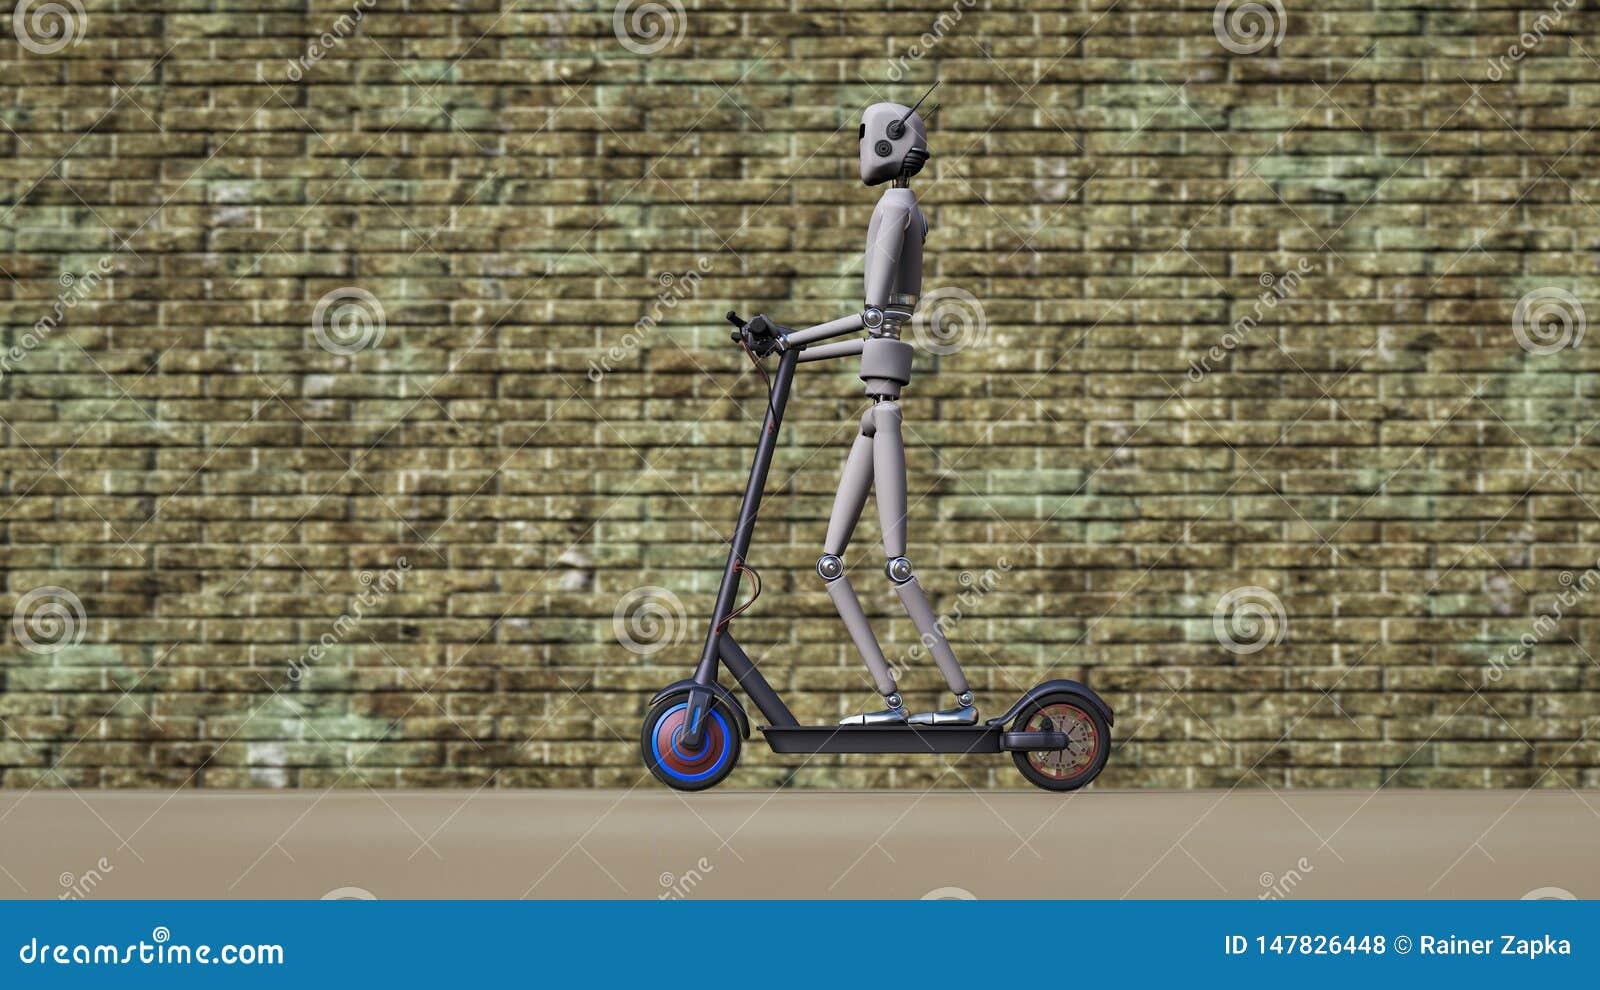 Un robot conduce en la acera con una vespa eléctrica